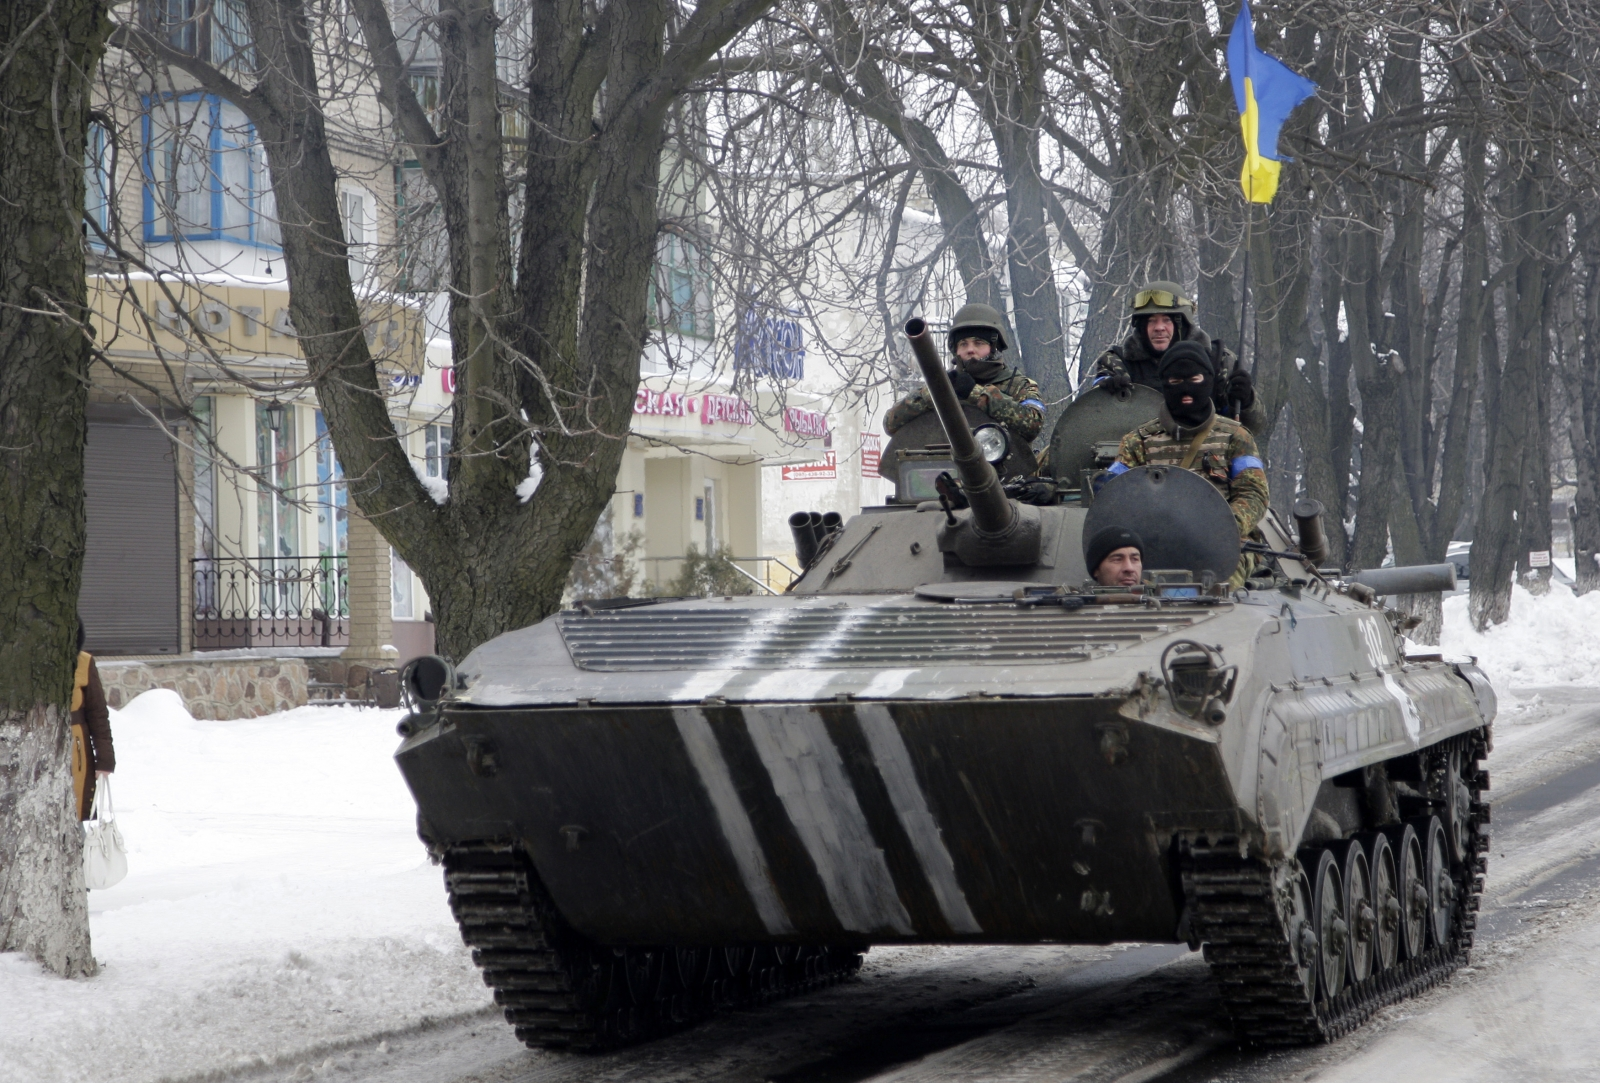 Ukraine-Russia tensions